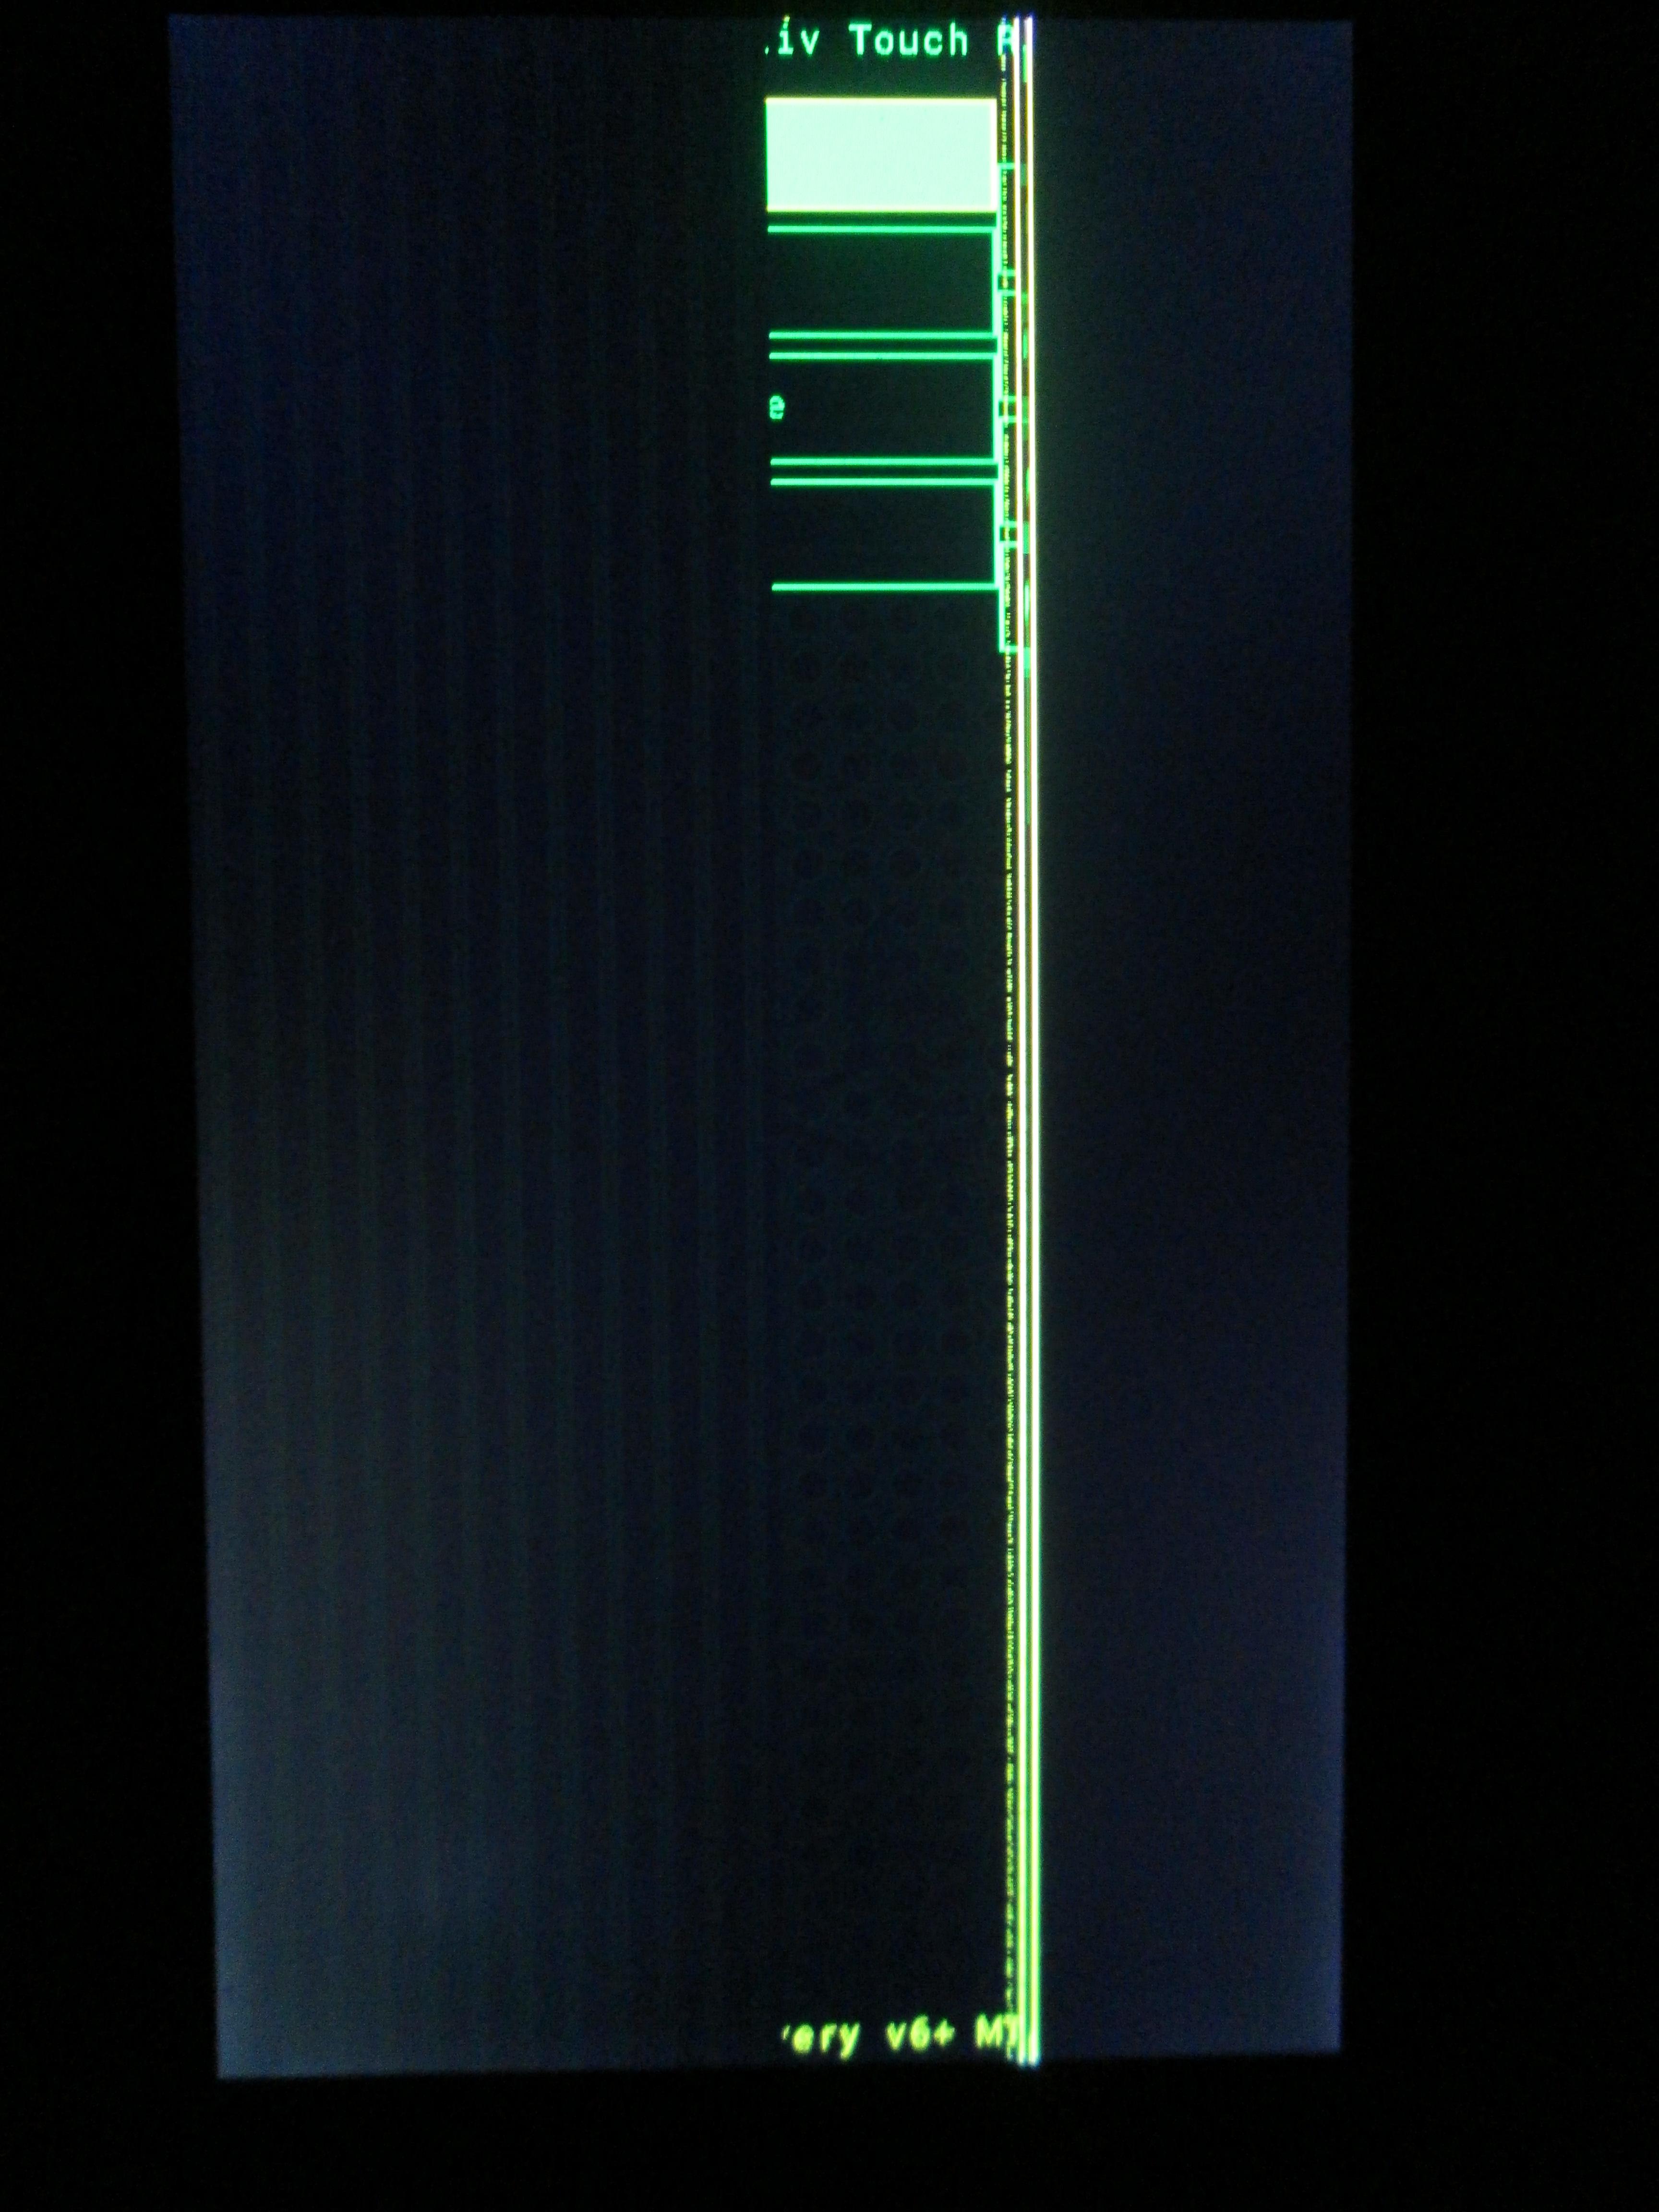 Sterownik do mostka TC358768 (konwerter RGB do DSI)